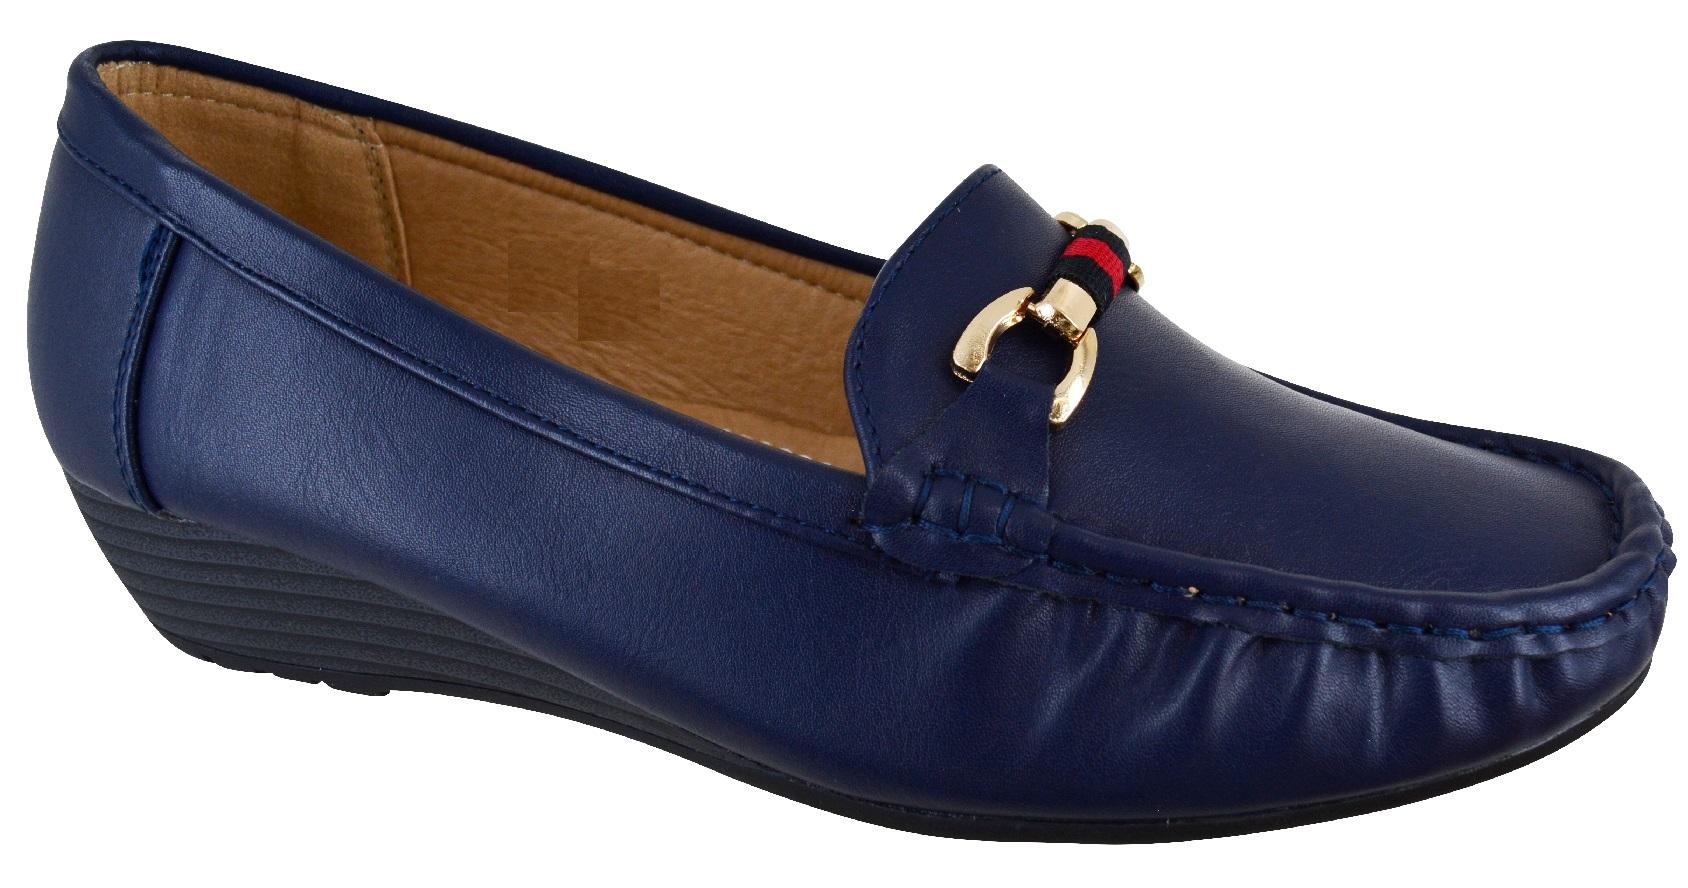 Senoras-Mujeres-Tacon-Bajo-Cuna-Confort-Mocasines-Zapatos-Trabajo-De-Disenador-Talla-3-8-Nuevo